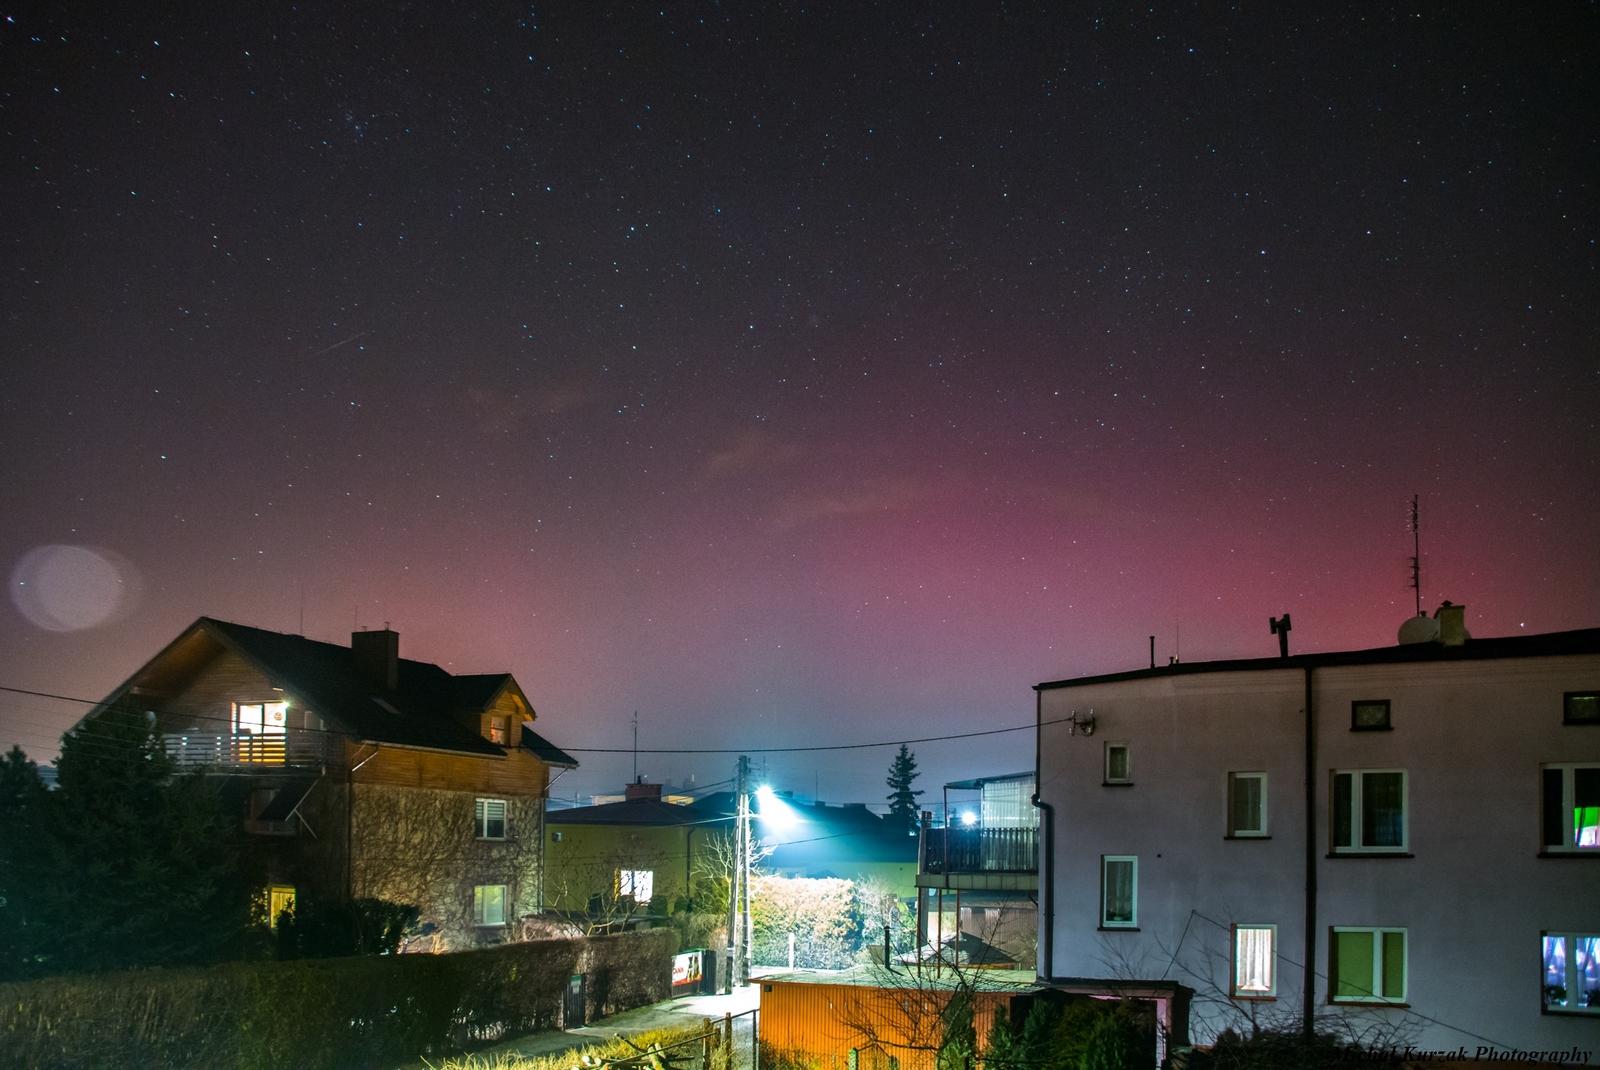 Zorza polarna sfotografowana 06.03.2016 r. - Credits:  Michał Kurzak - Zawiercie, śląskie